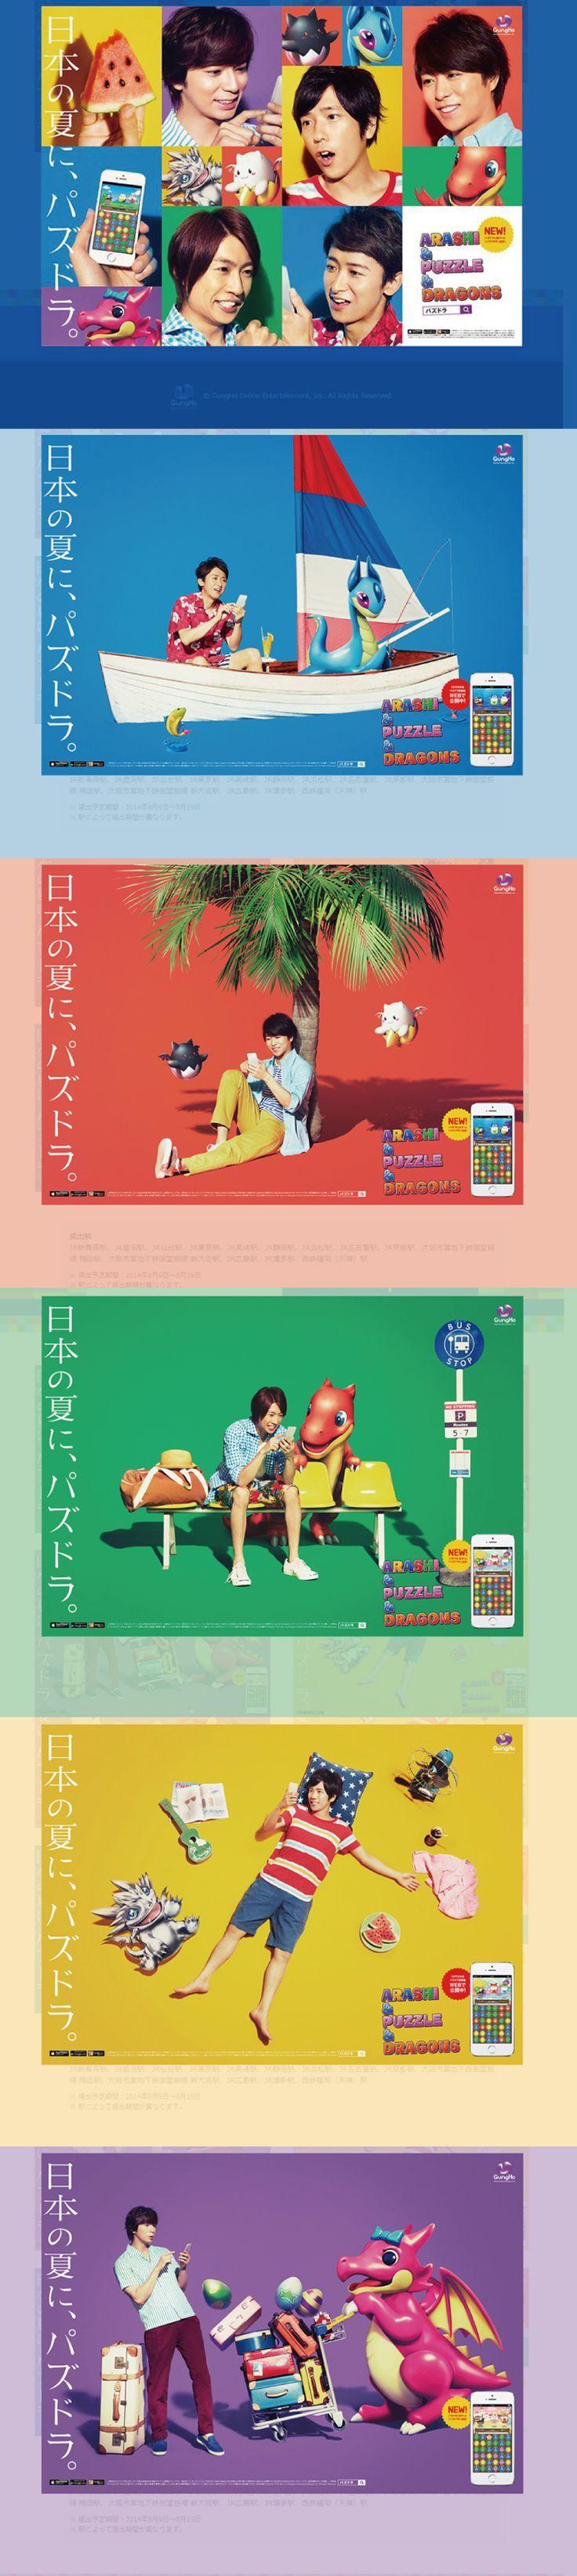 嵐 2014 ガンホー パズドラ 【5人まとめ】